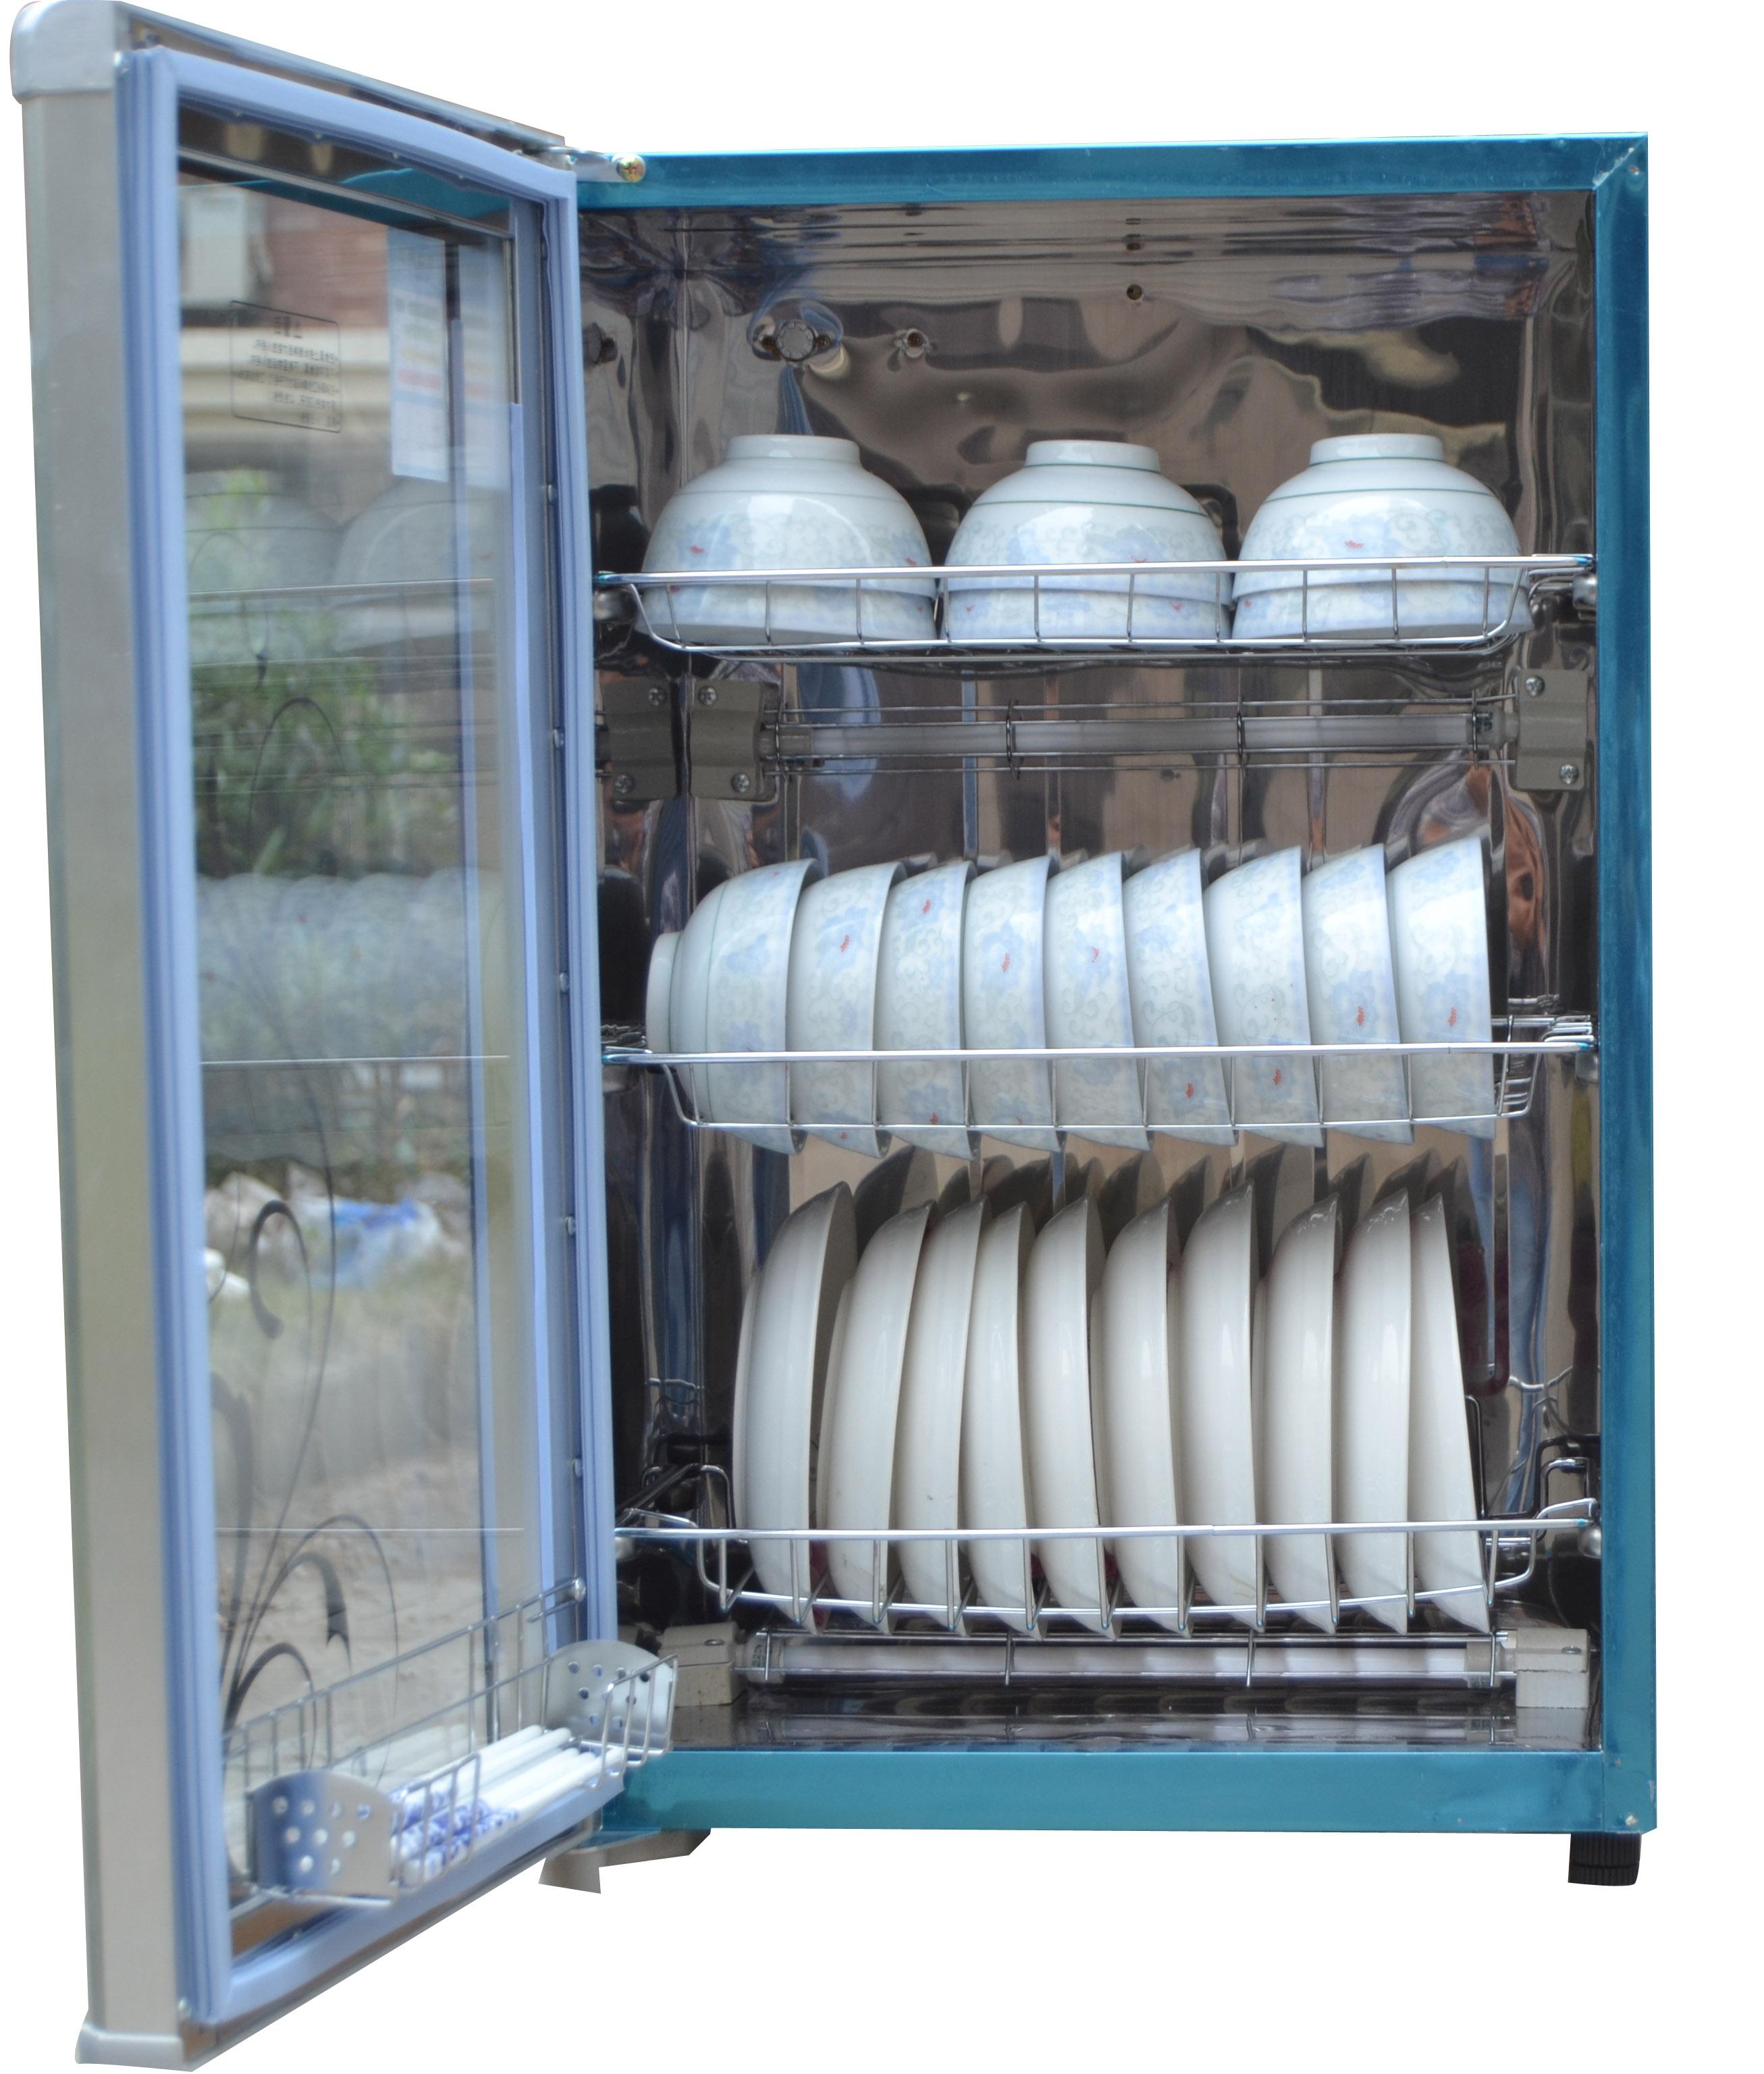 迷你小型杯柜 68L 消毒柜消毒碗柜立式高温光波家用商用 30L60L 枫花